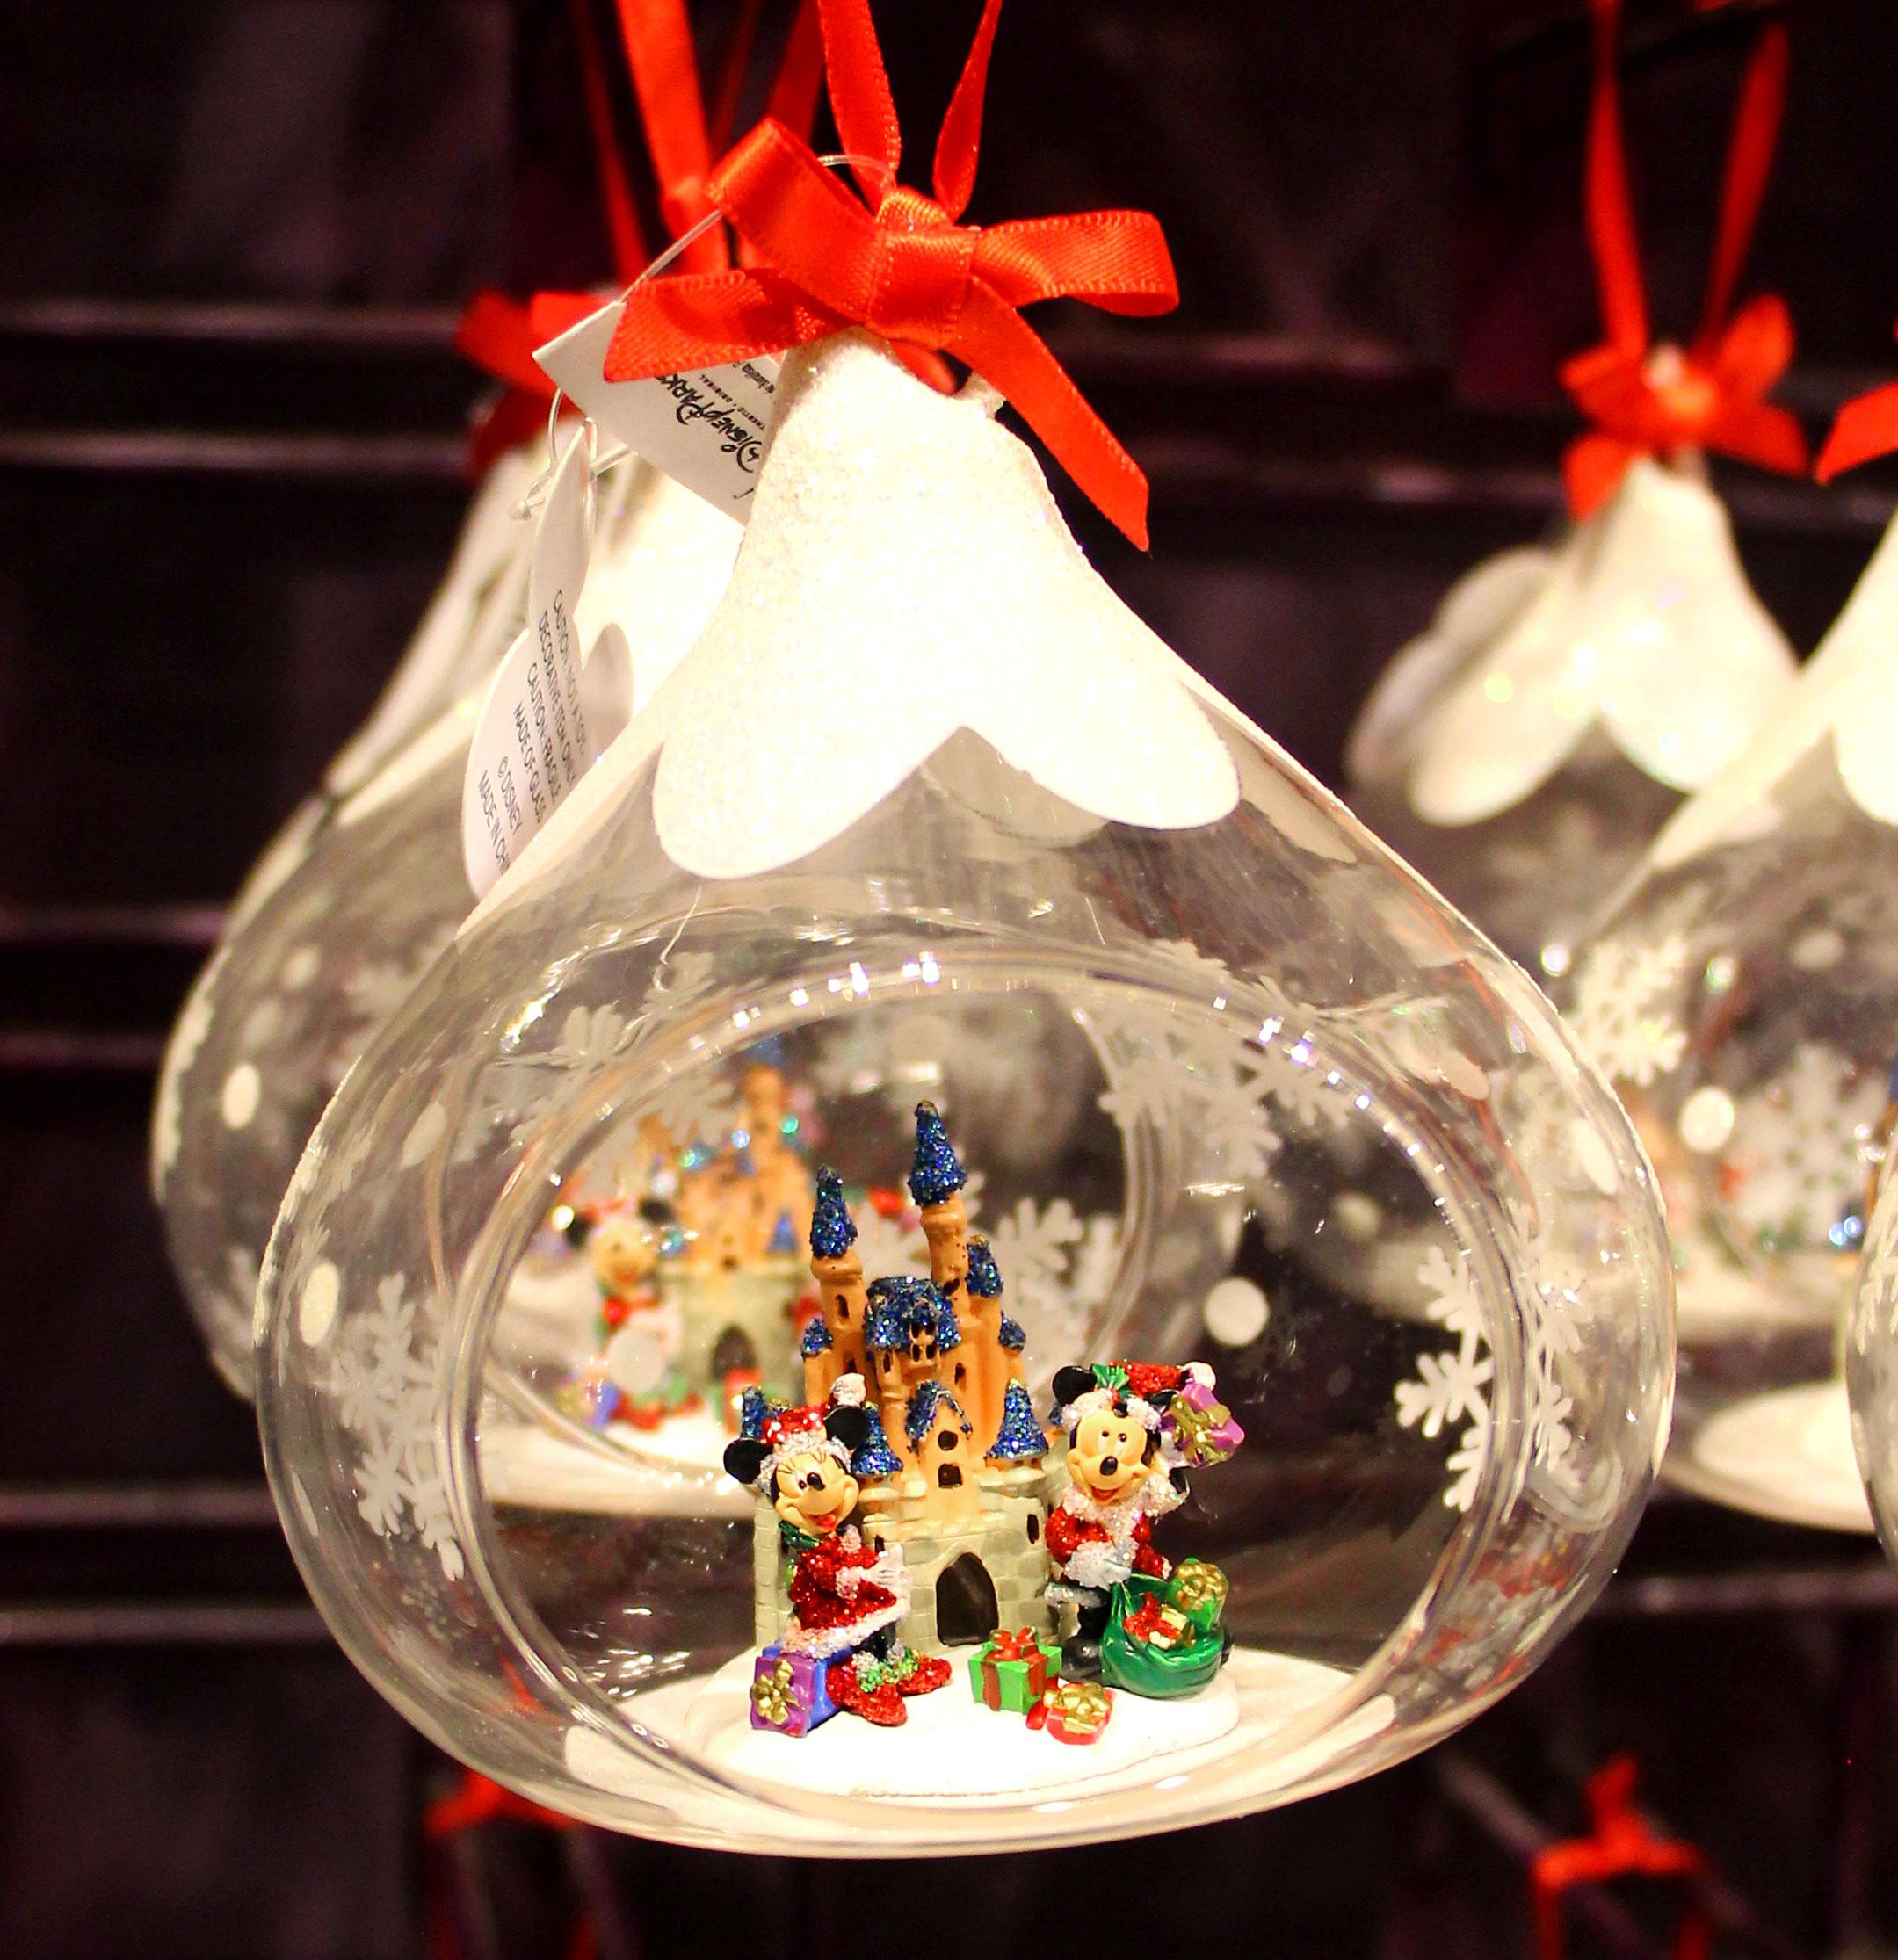 Weihnachtskugeln Comic - Baumkugeln Mit Beliebten Comicfiguren ganzes Weihnachtskugeln Comic